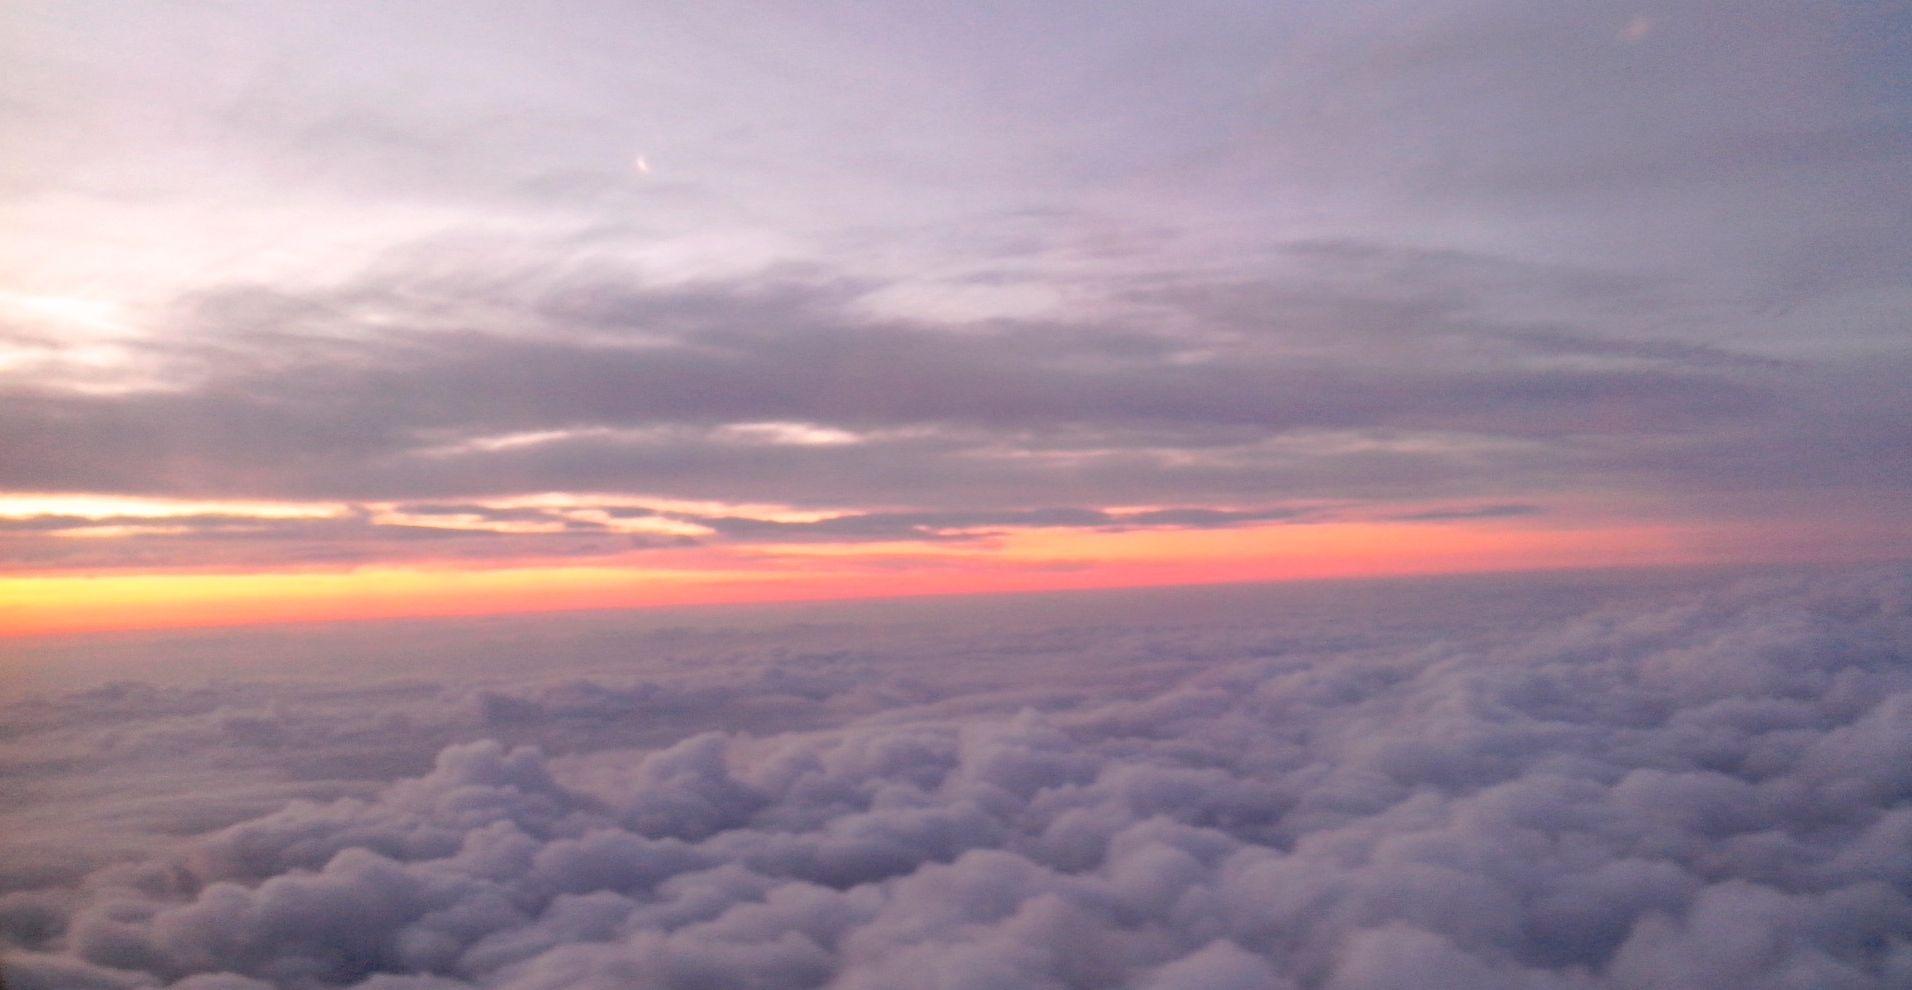 Manque de défaillir quand l'avion décolle, rosée du soleil qui se lève...